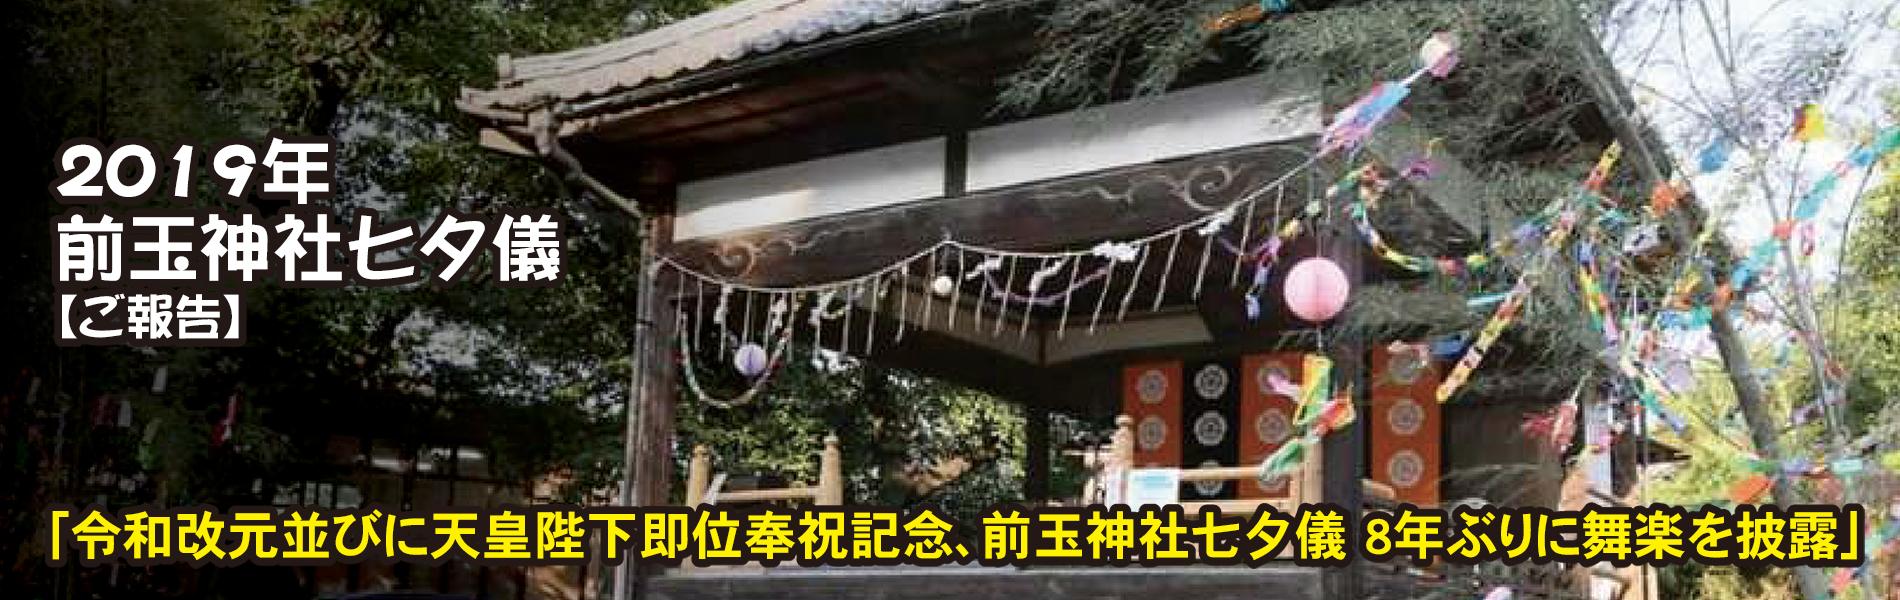 令和改元並びに天皇陛下即位奉祝記念、前玉神社七夕儀 8年ぶりに舞楽を披露